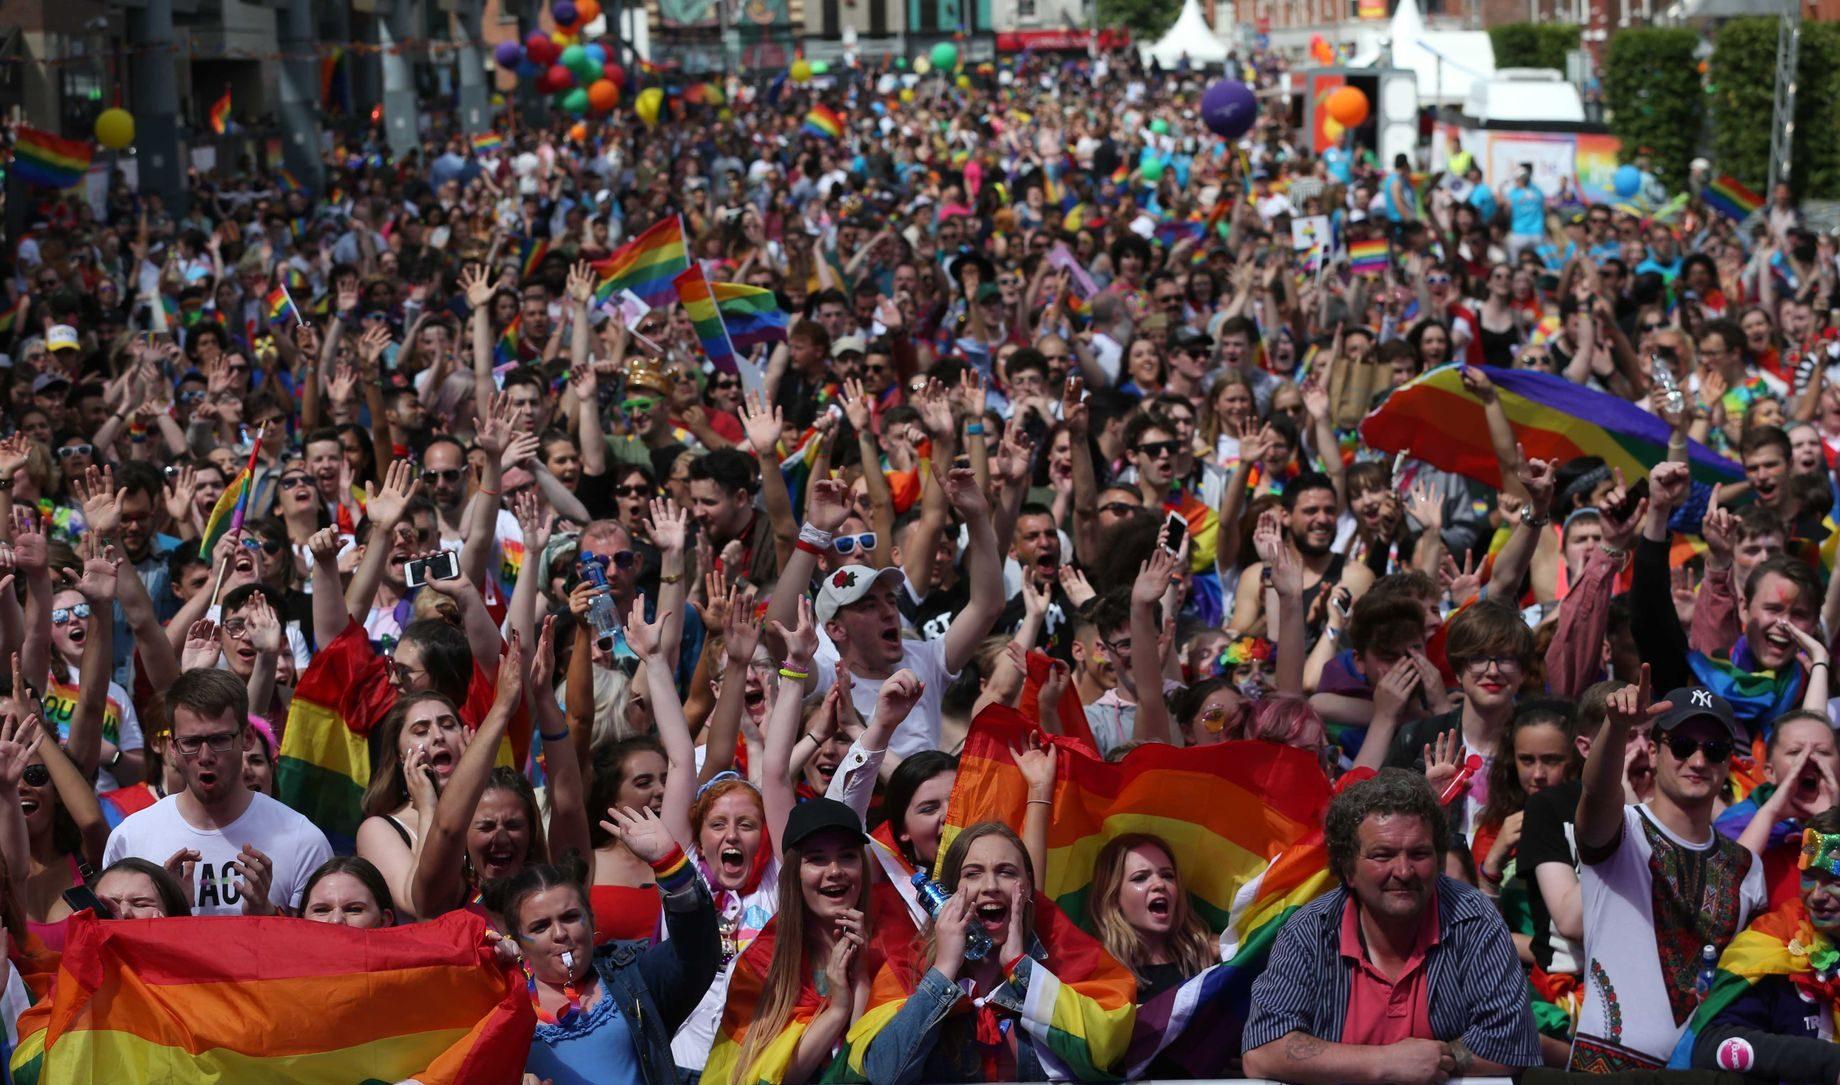 Dublin Rekor Kırdı! Onur Yürüyüşüne 60,000 Kişi Katıldı!